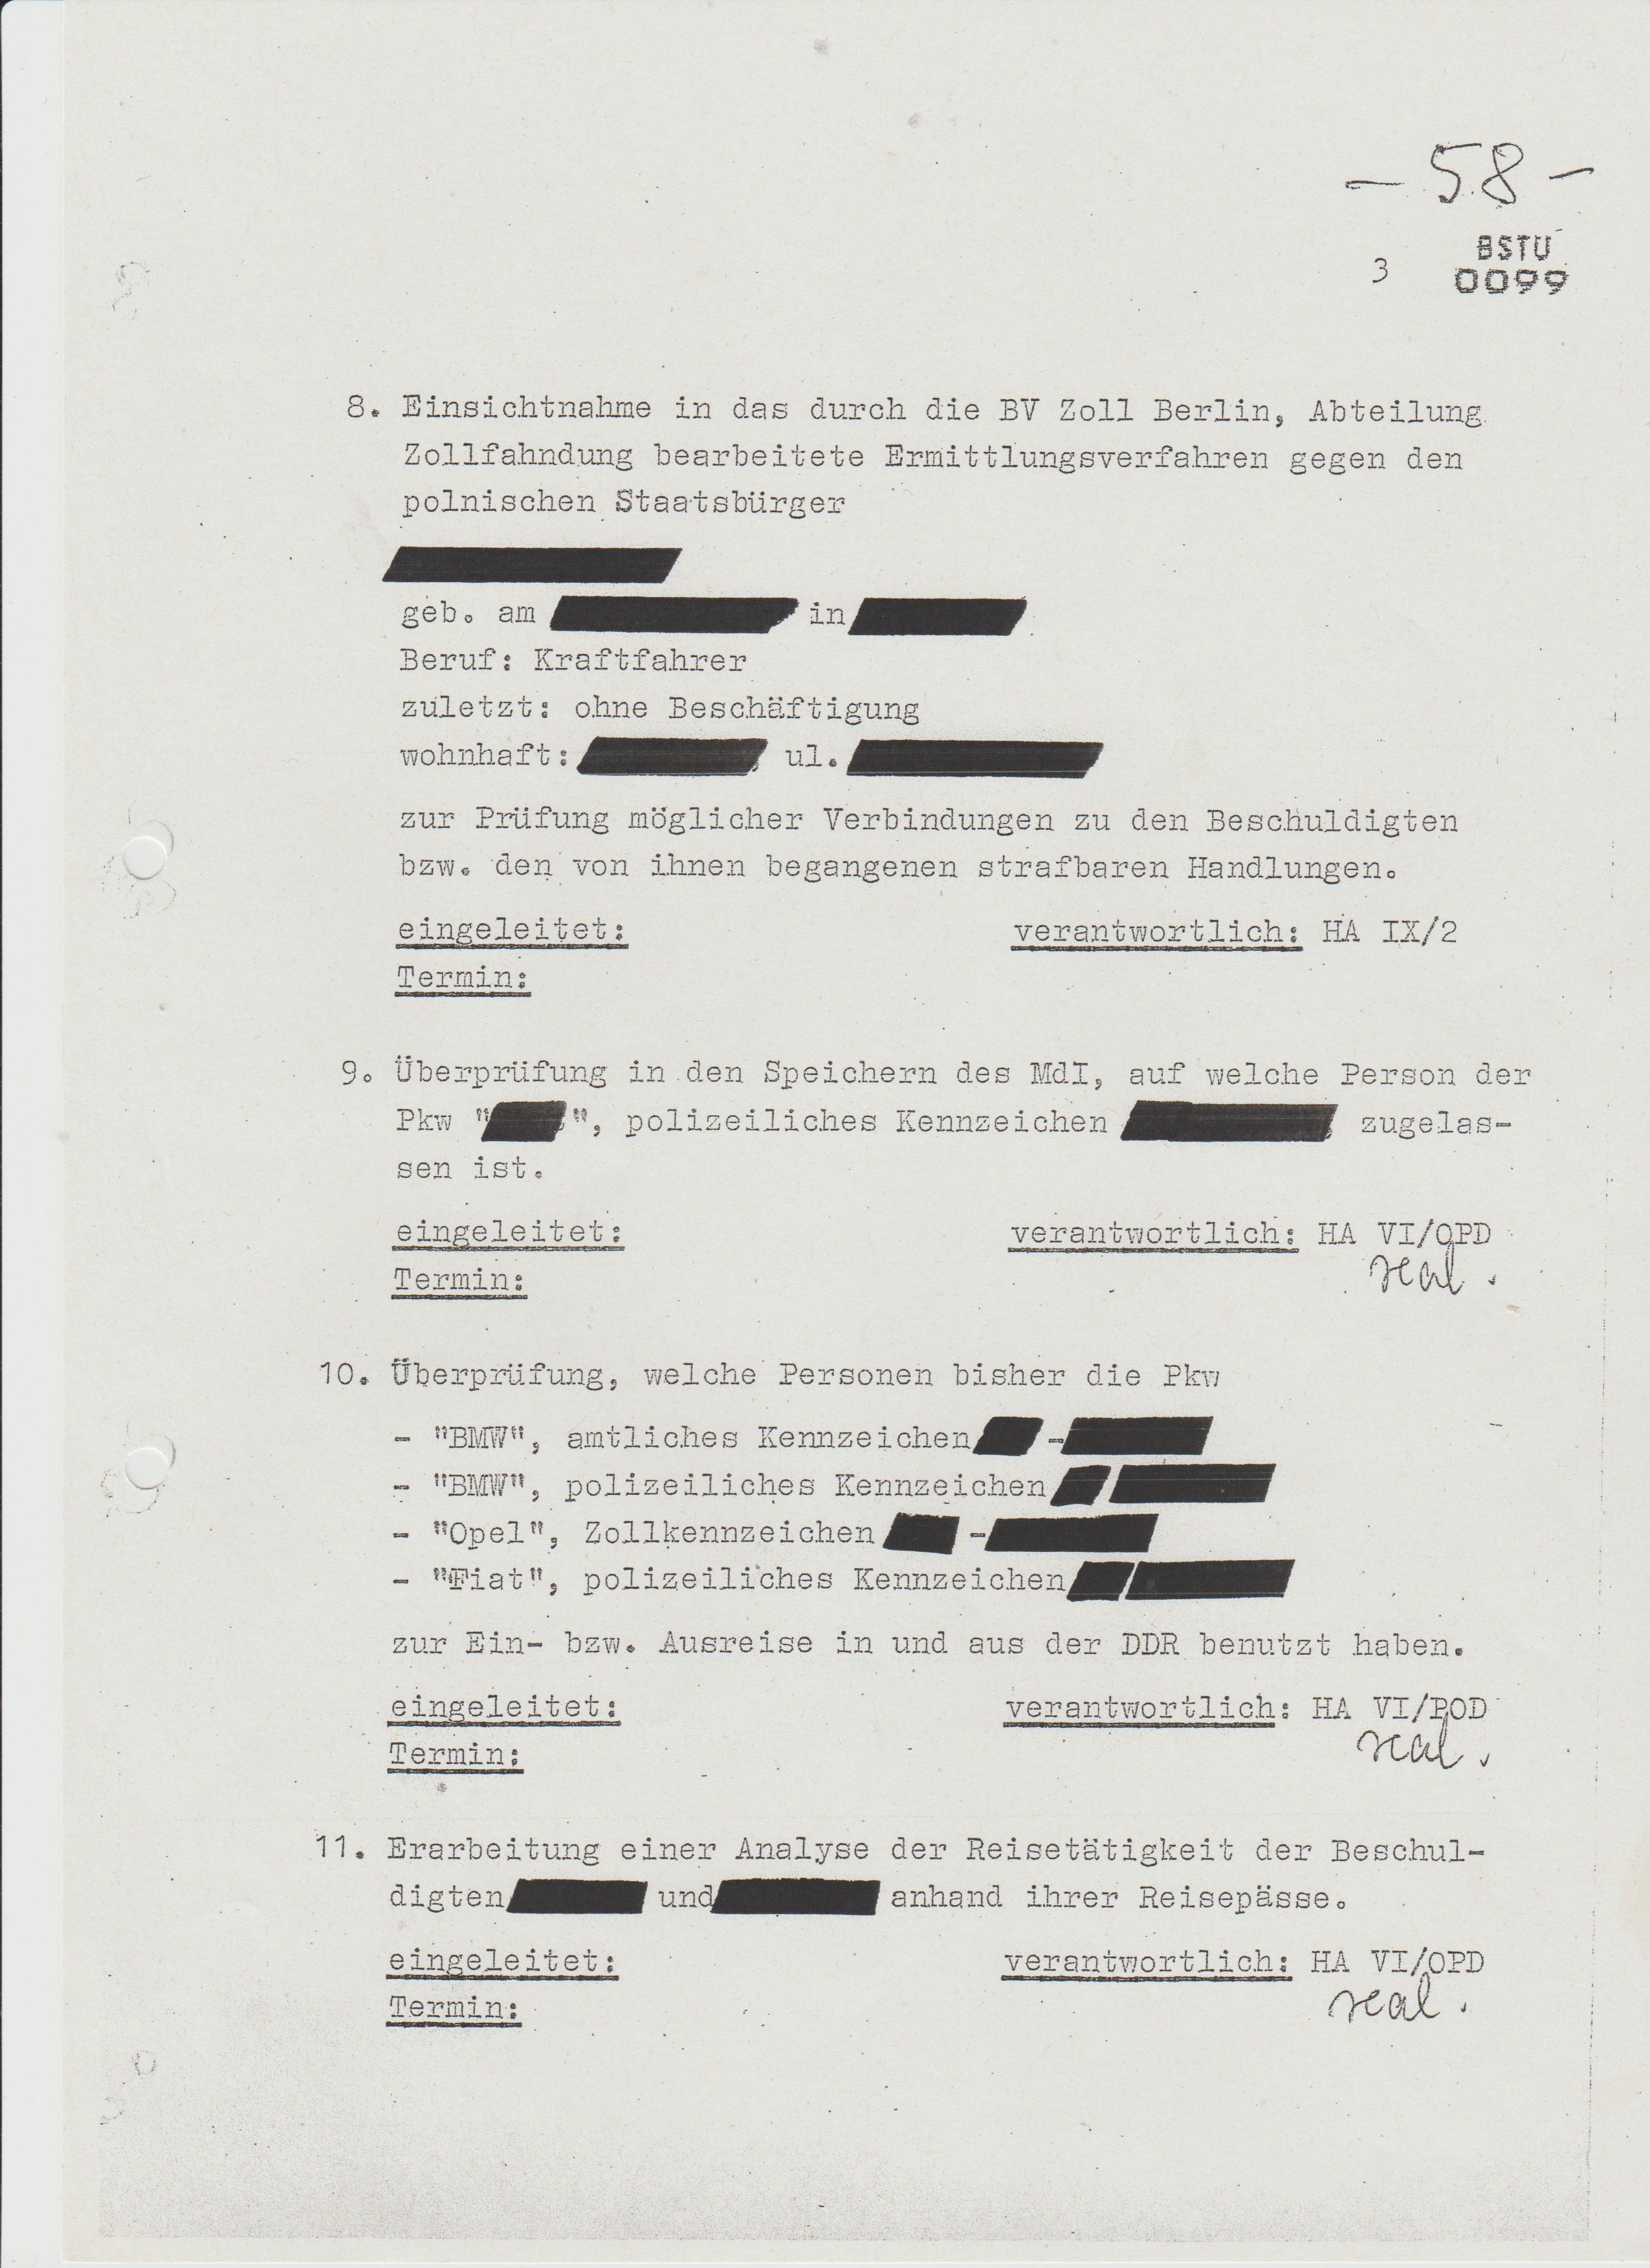 Punkt 11. Erarbeitung einer Analyse der Resetätigkeit der Beschuldigtten Sandro und Angtelov anhand ihrer Reisepässe.